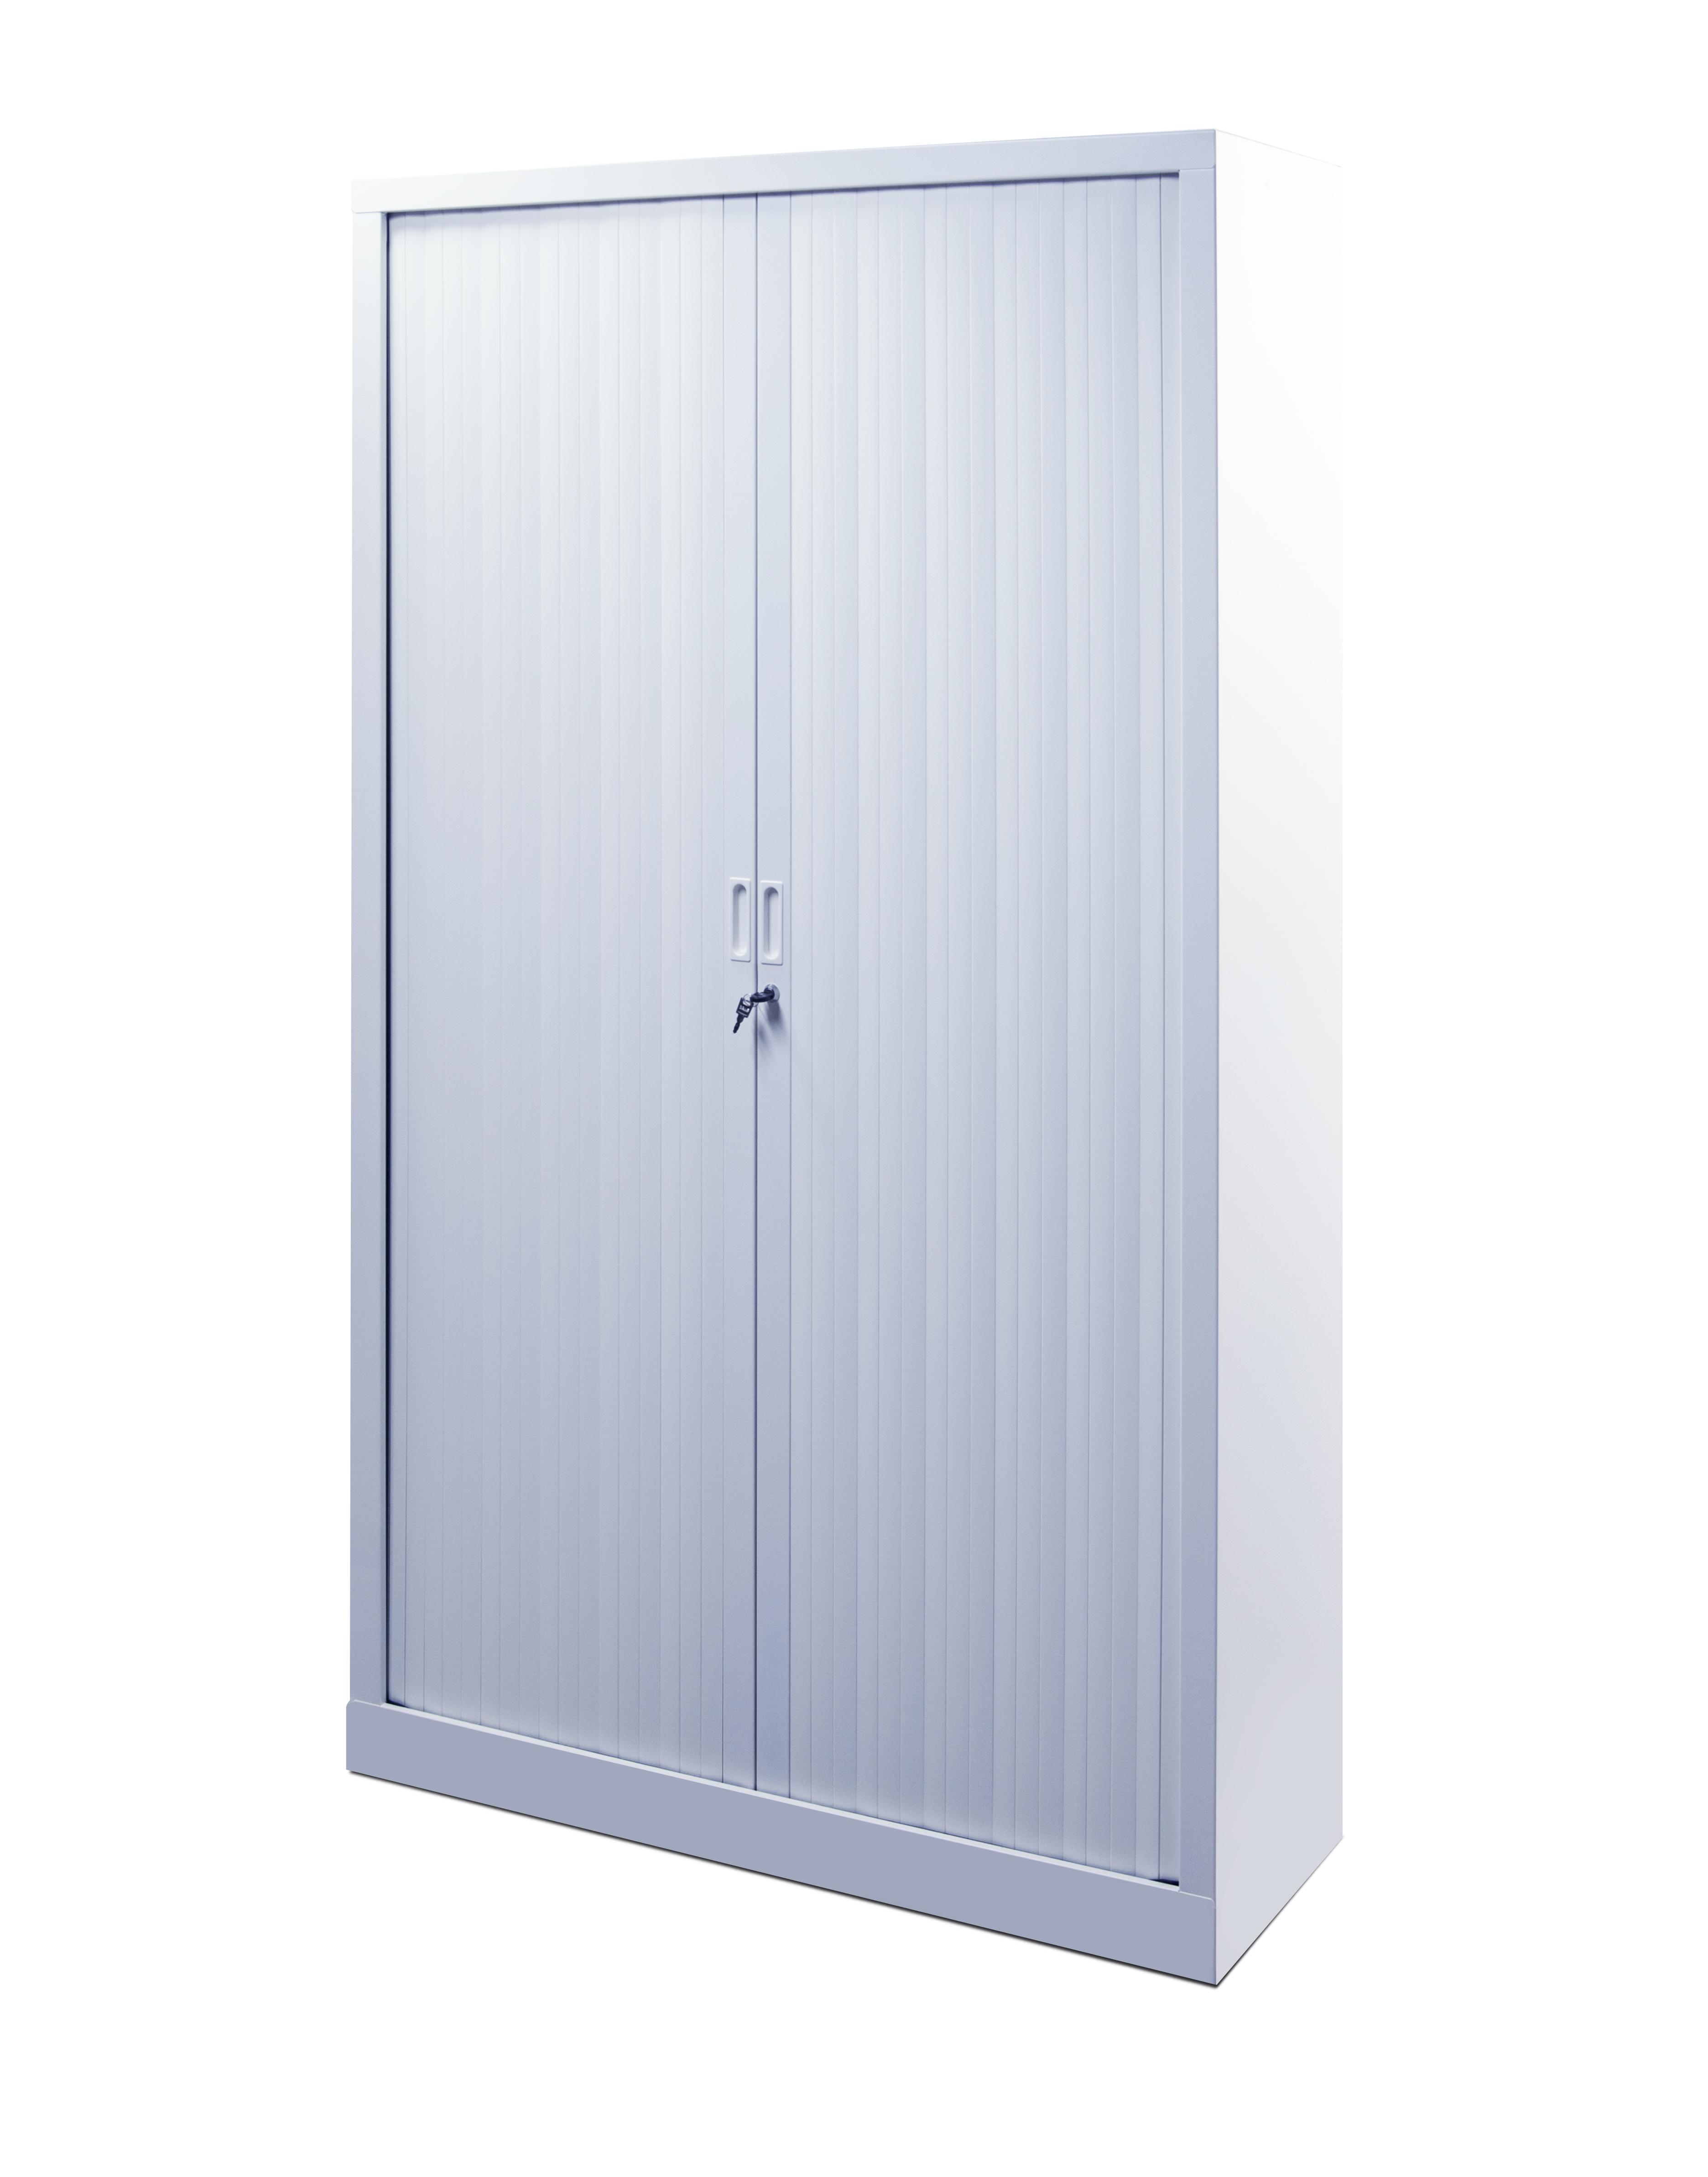 armoire metallique haute blanche avec portes coulissantes a rideaux l 100 x 198